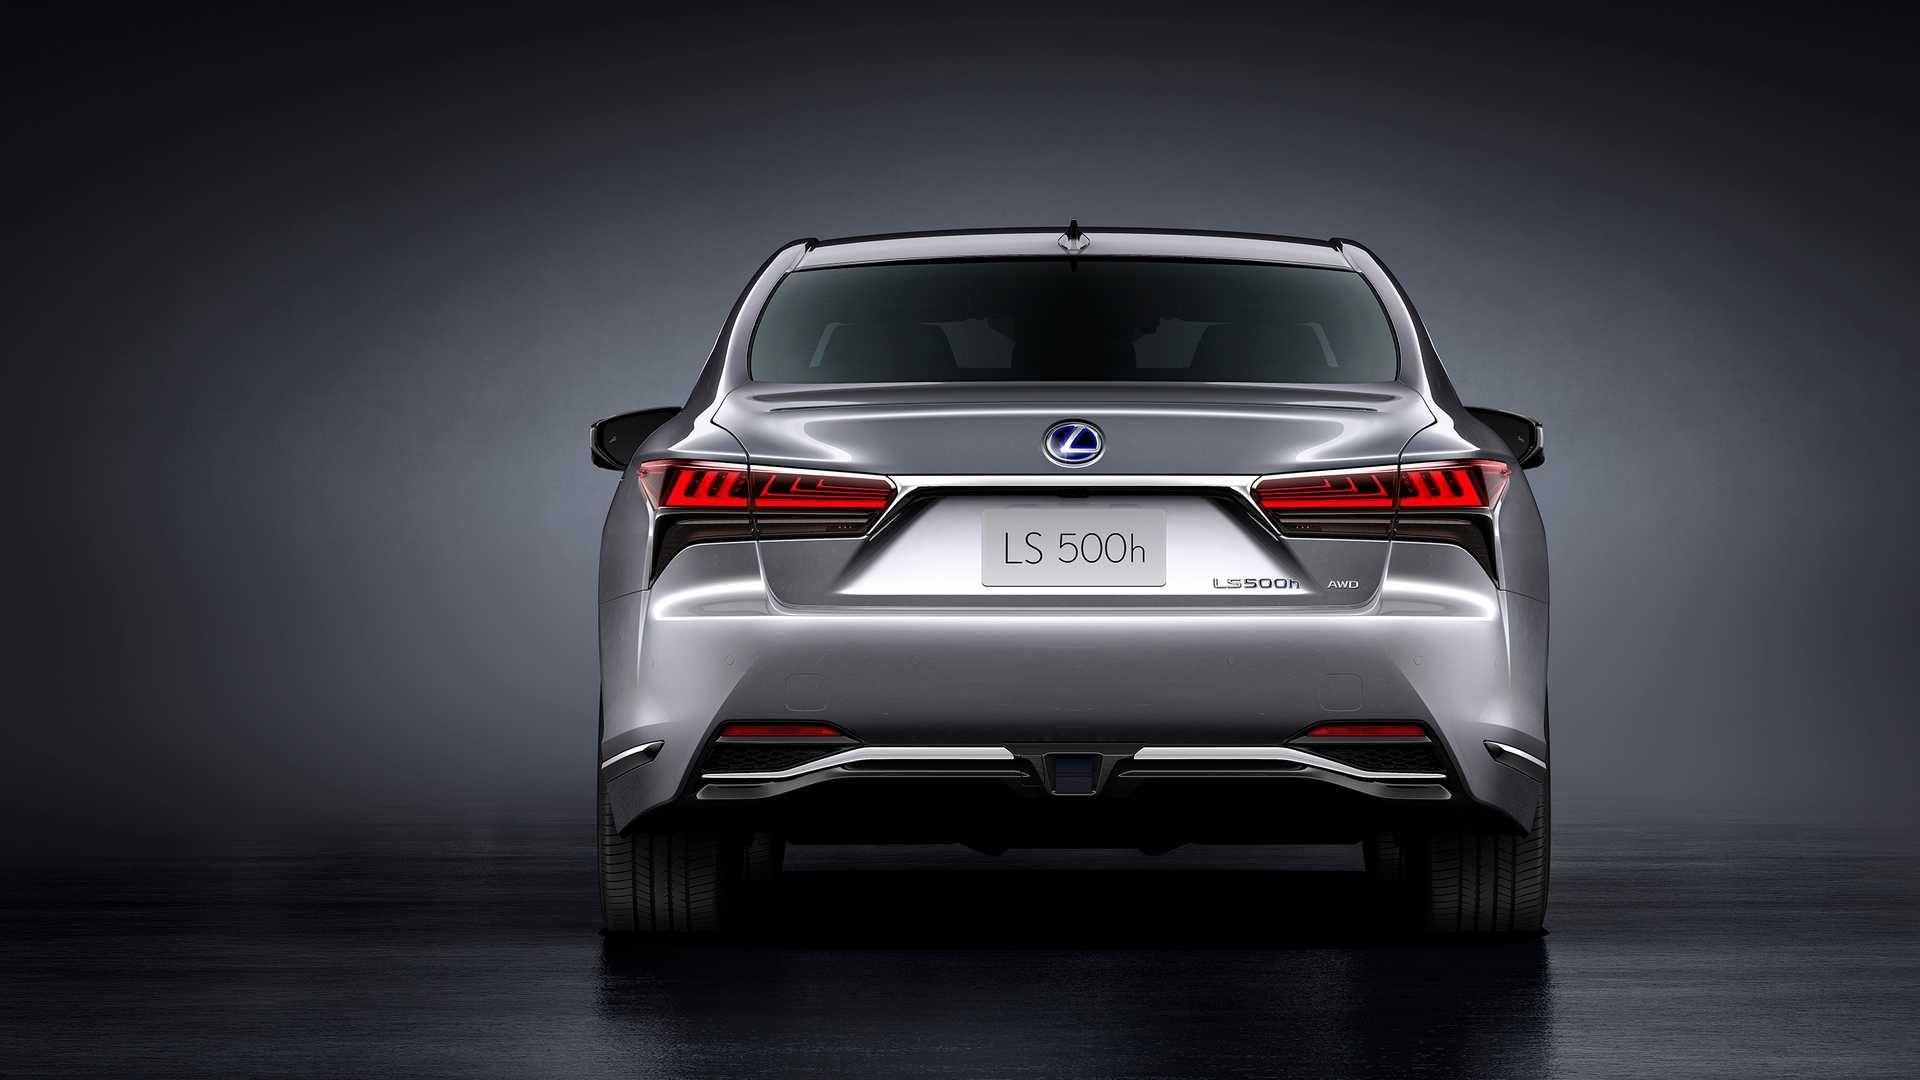 2021 Lexus Ls Arrives With New Looks Self Driving Tech Lexus Ls Lexus Lexus Es